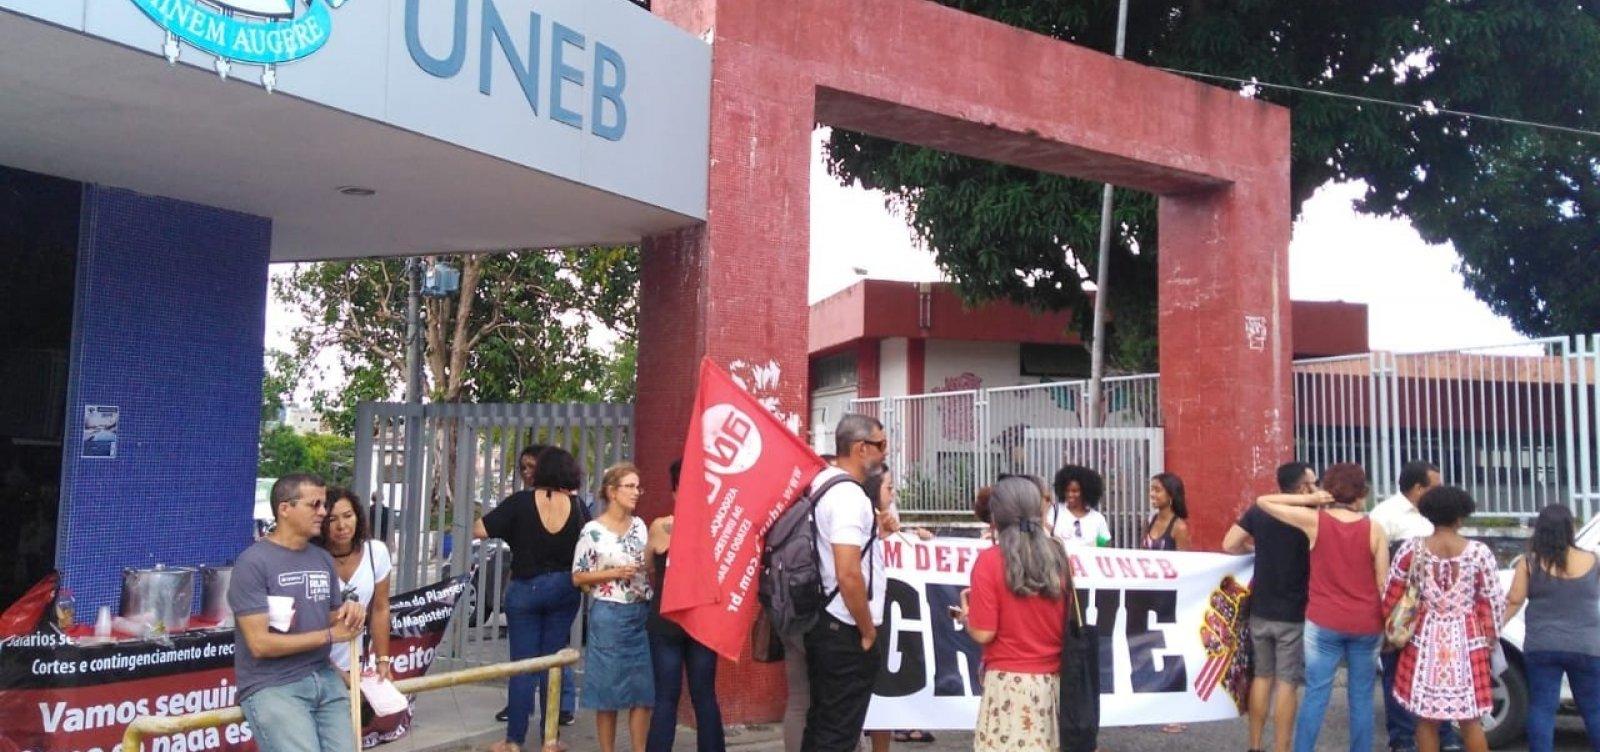 [Coordenadora da Aduneb diz que recurso anunciado por Rui 'não atendeuem nada a pauta dos professores']